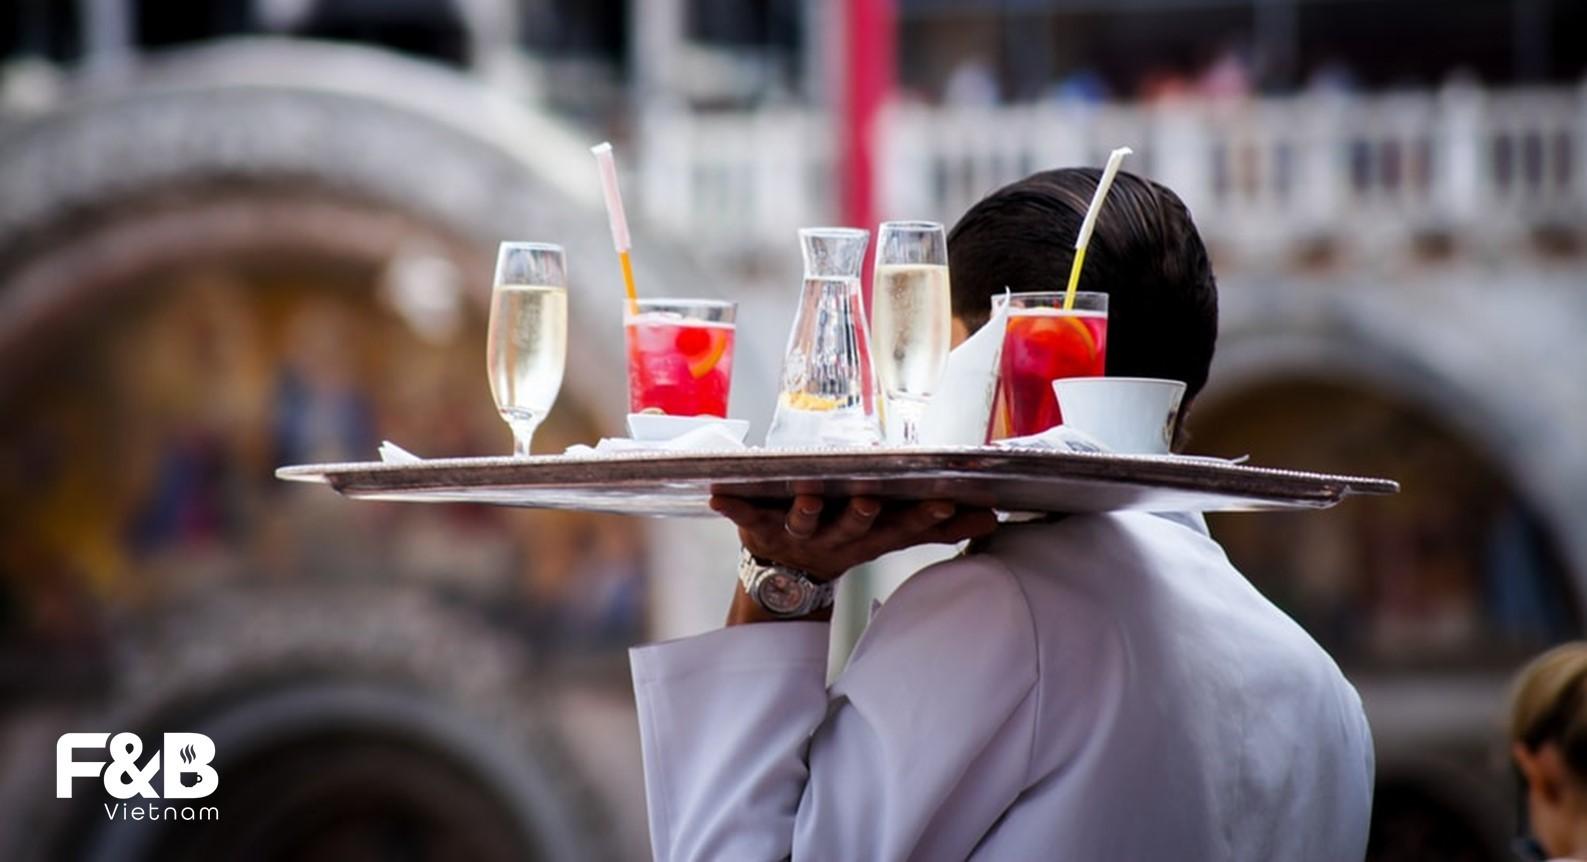 nguyên tắc dịch vụ khách hàng trong quản lí vận hành nhà hàng